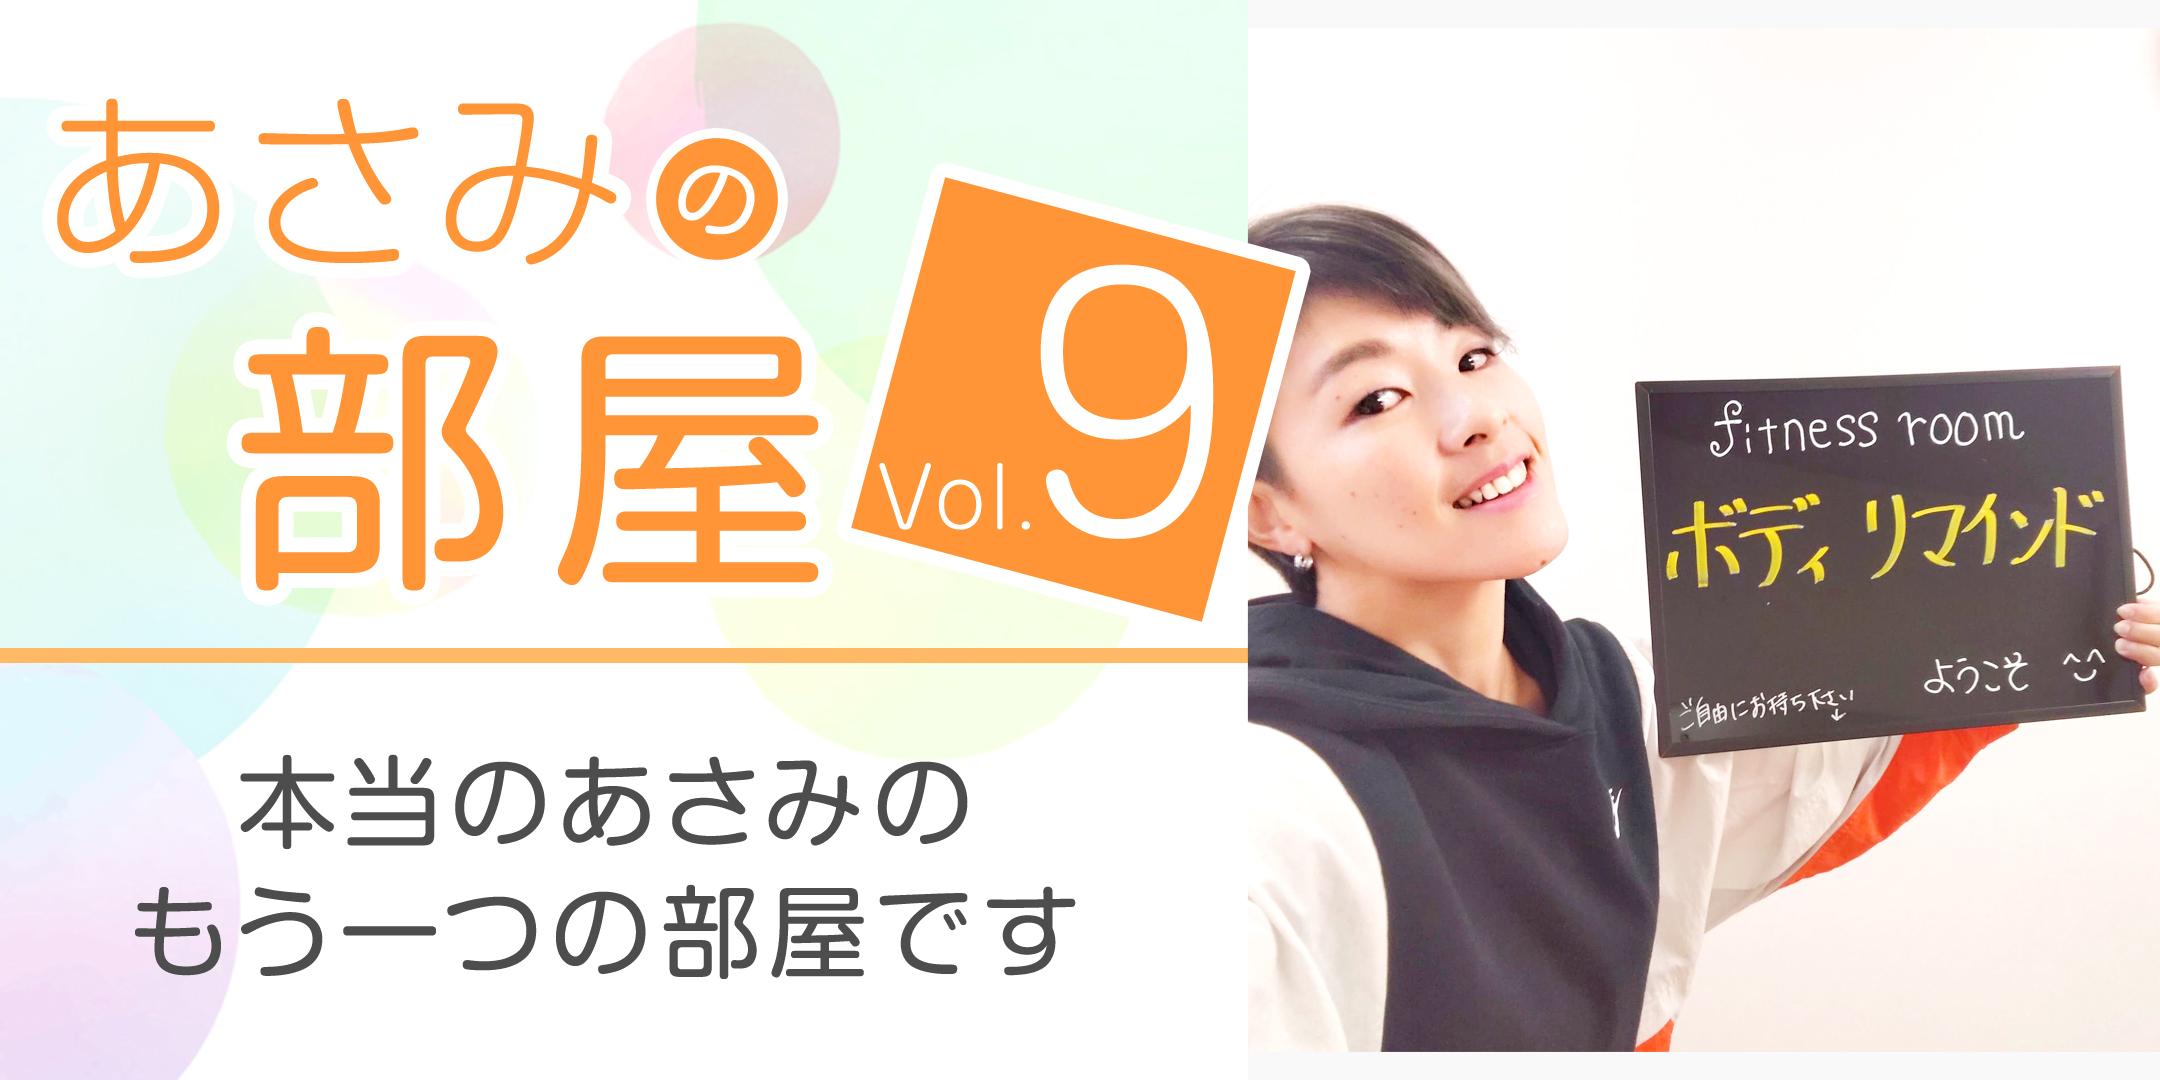 あさみの部屋vol.9